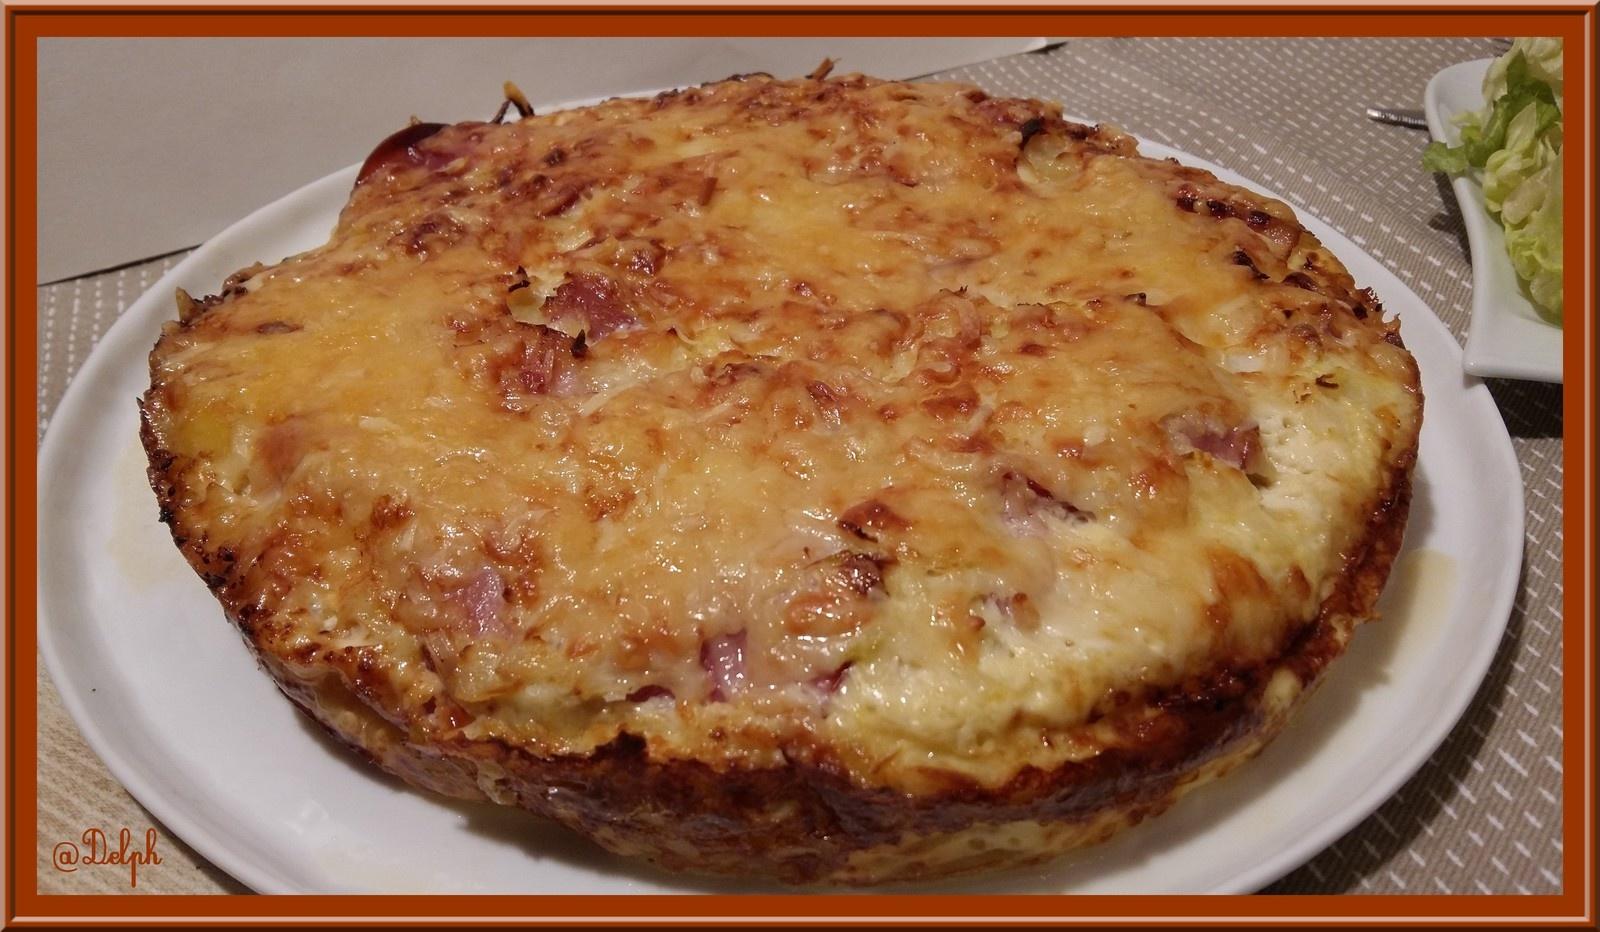 Recettes de pomme de terre par oh la gourmande g teau de pommes de terre au bacon gratin de - Pommes de terre a la braise ...